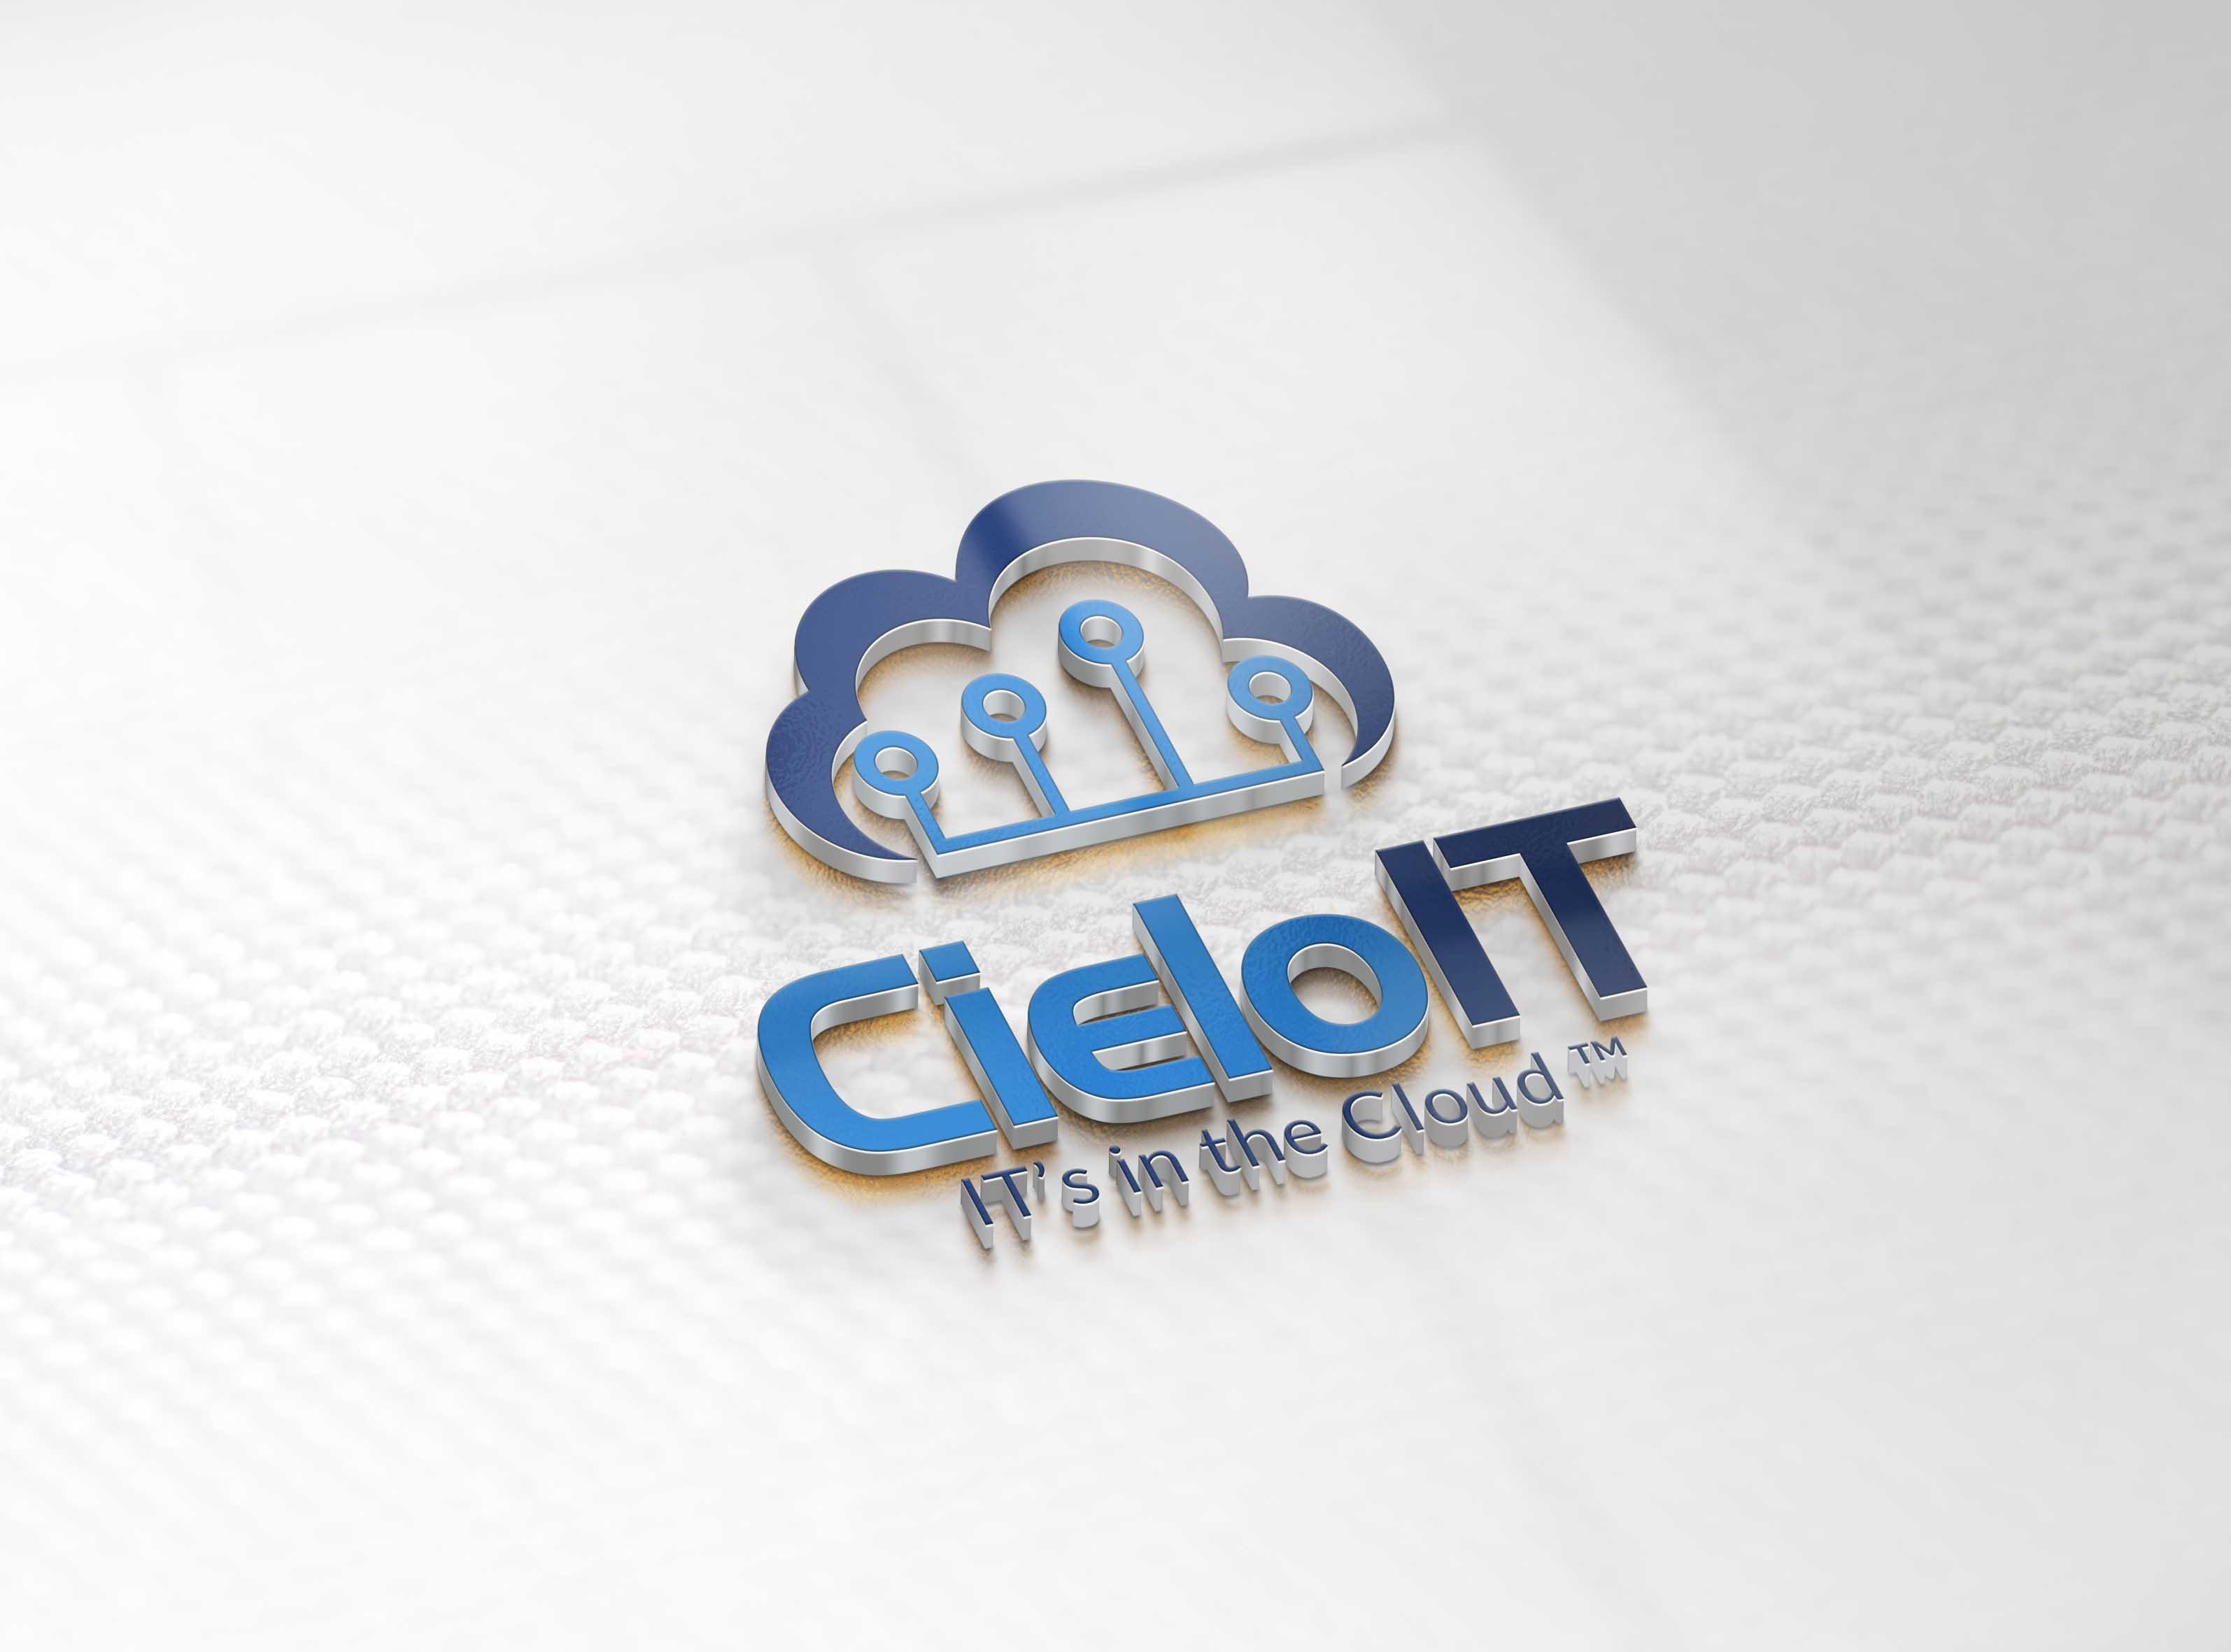 CieloIT's